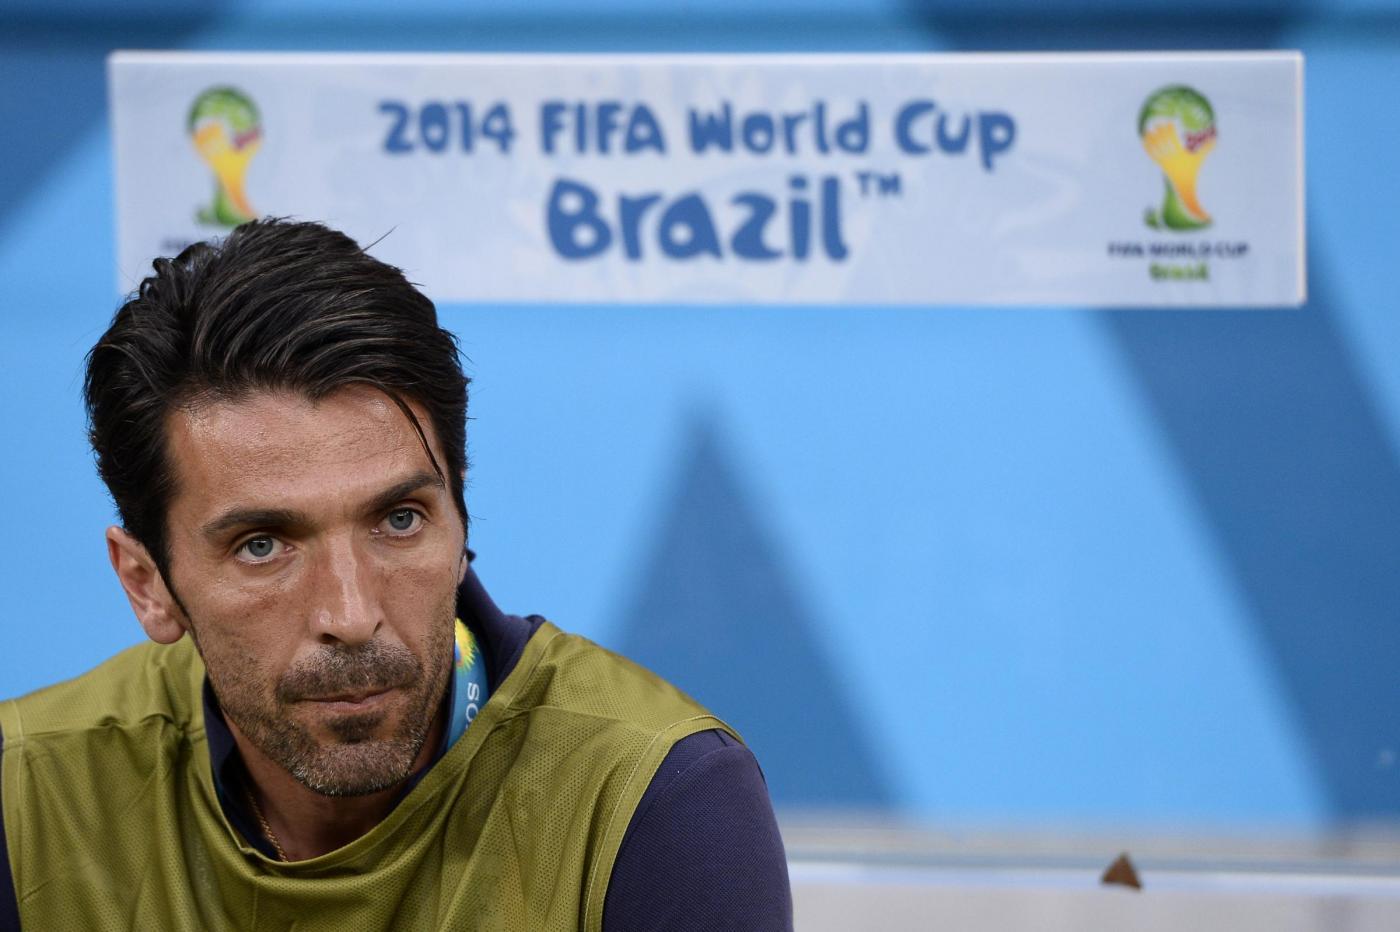 Mondiali 2014, calciatori: i più belli? Sono gli italiani. Parola di USA